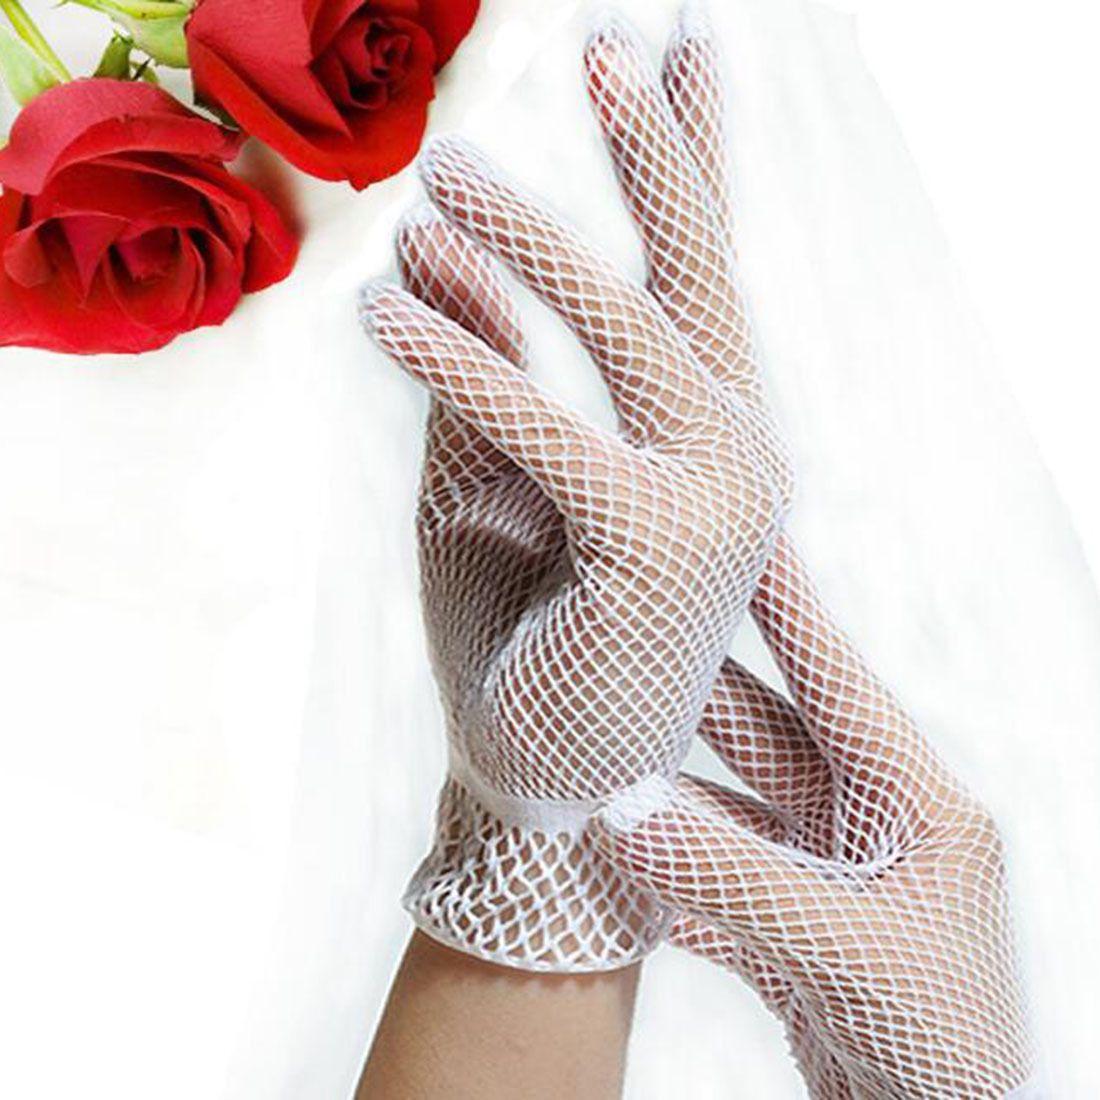 Wedding Dress Preservation Uv Protected: Hot 1 Pair Fishnet Mesh Gloves Women Gloves Summer Uv